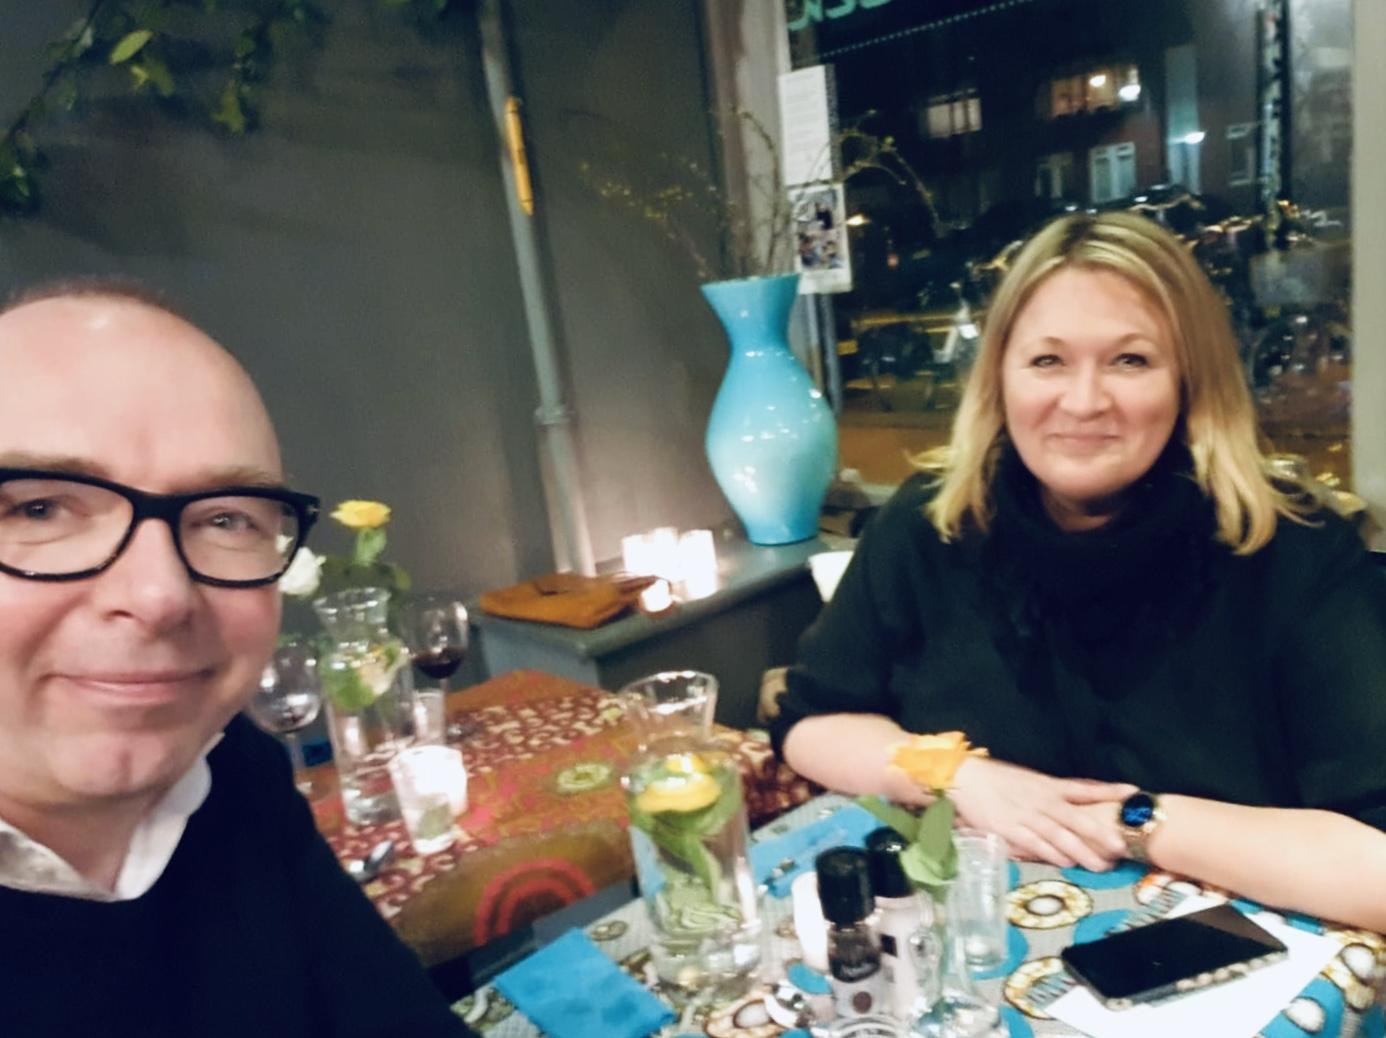 Wereldse gerechten zorgen voor verbinding op je zakelijke event